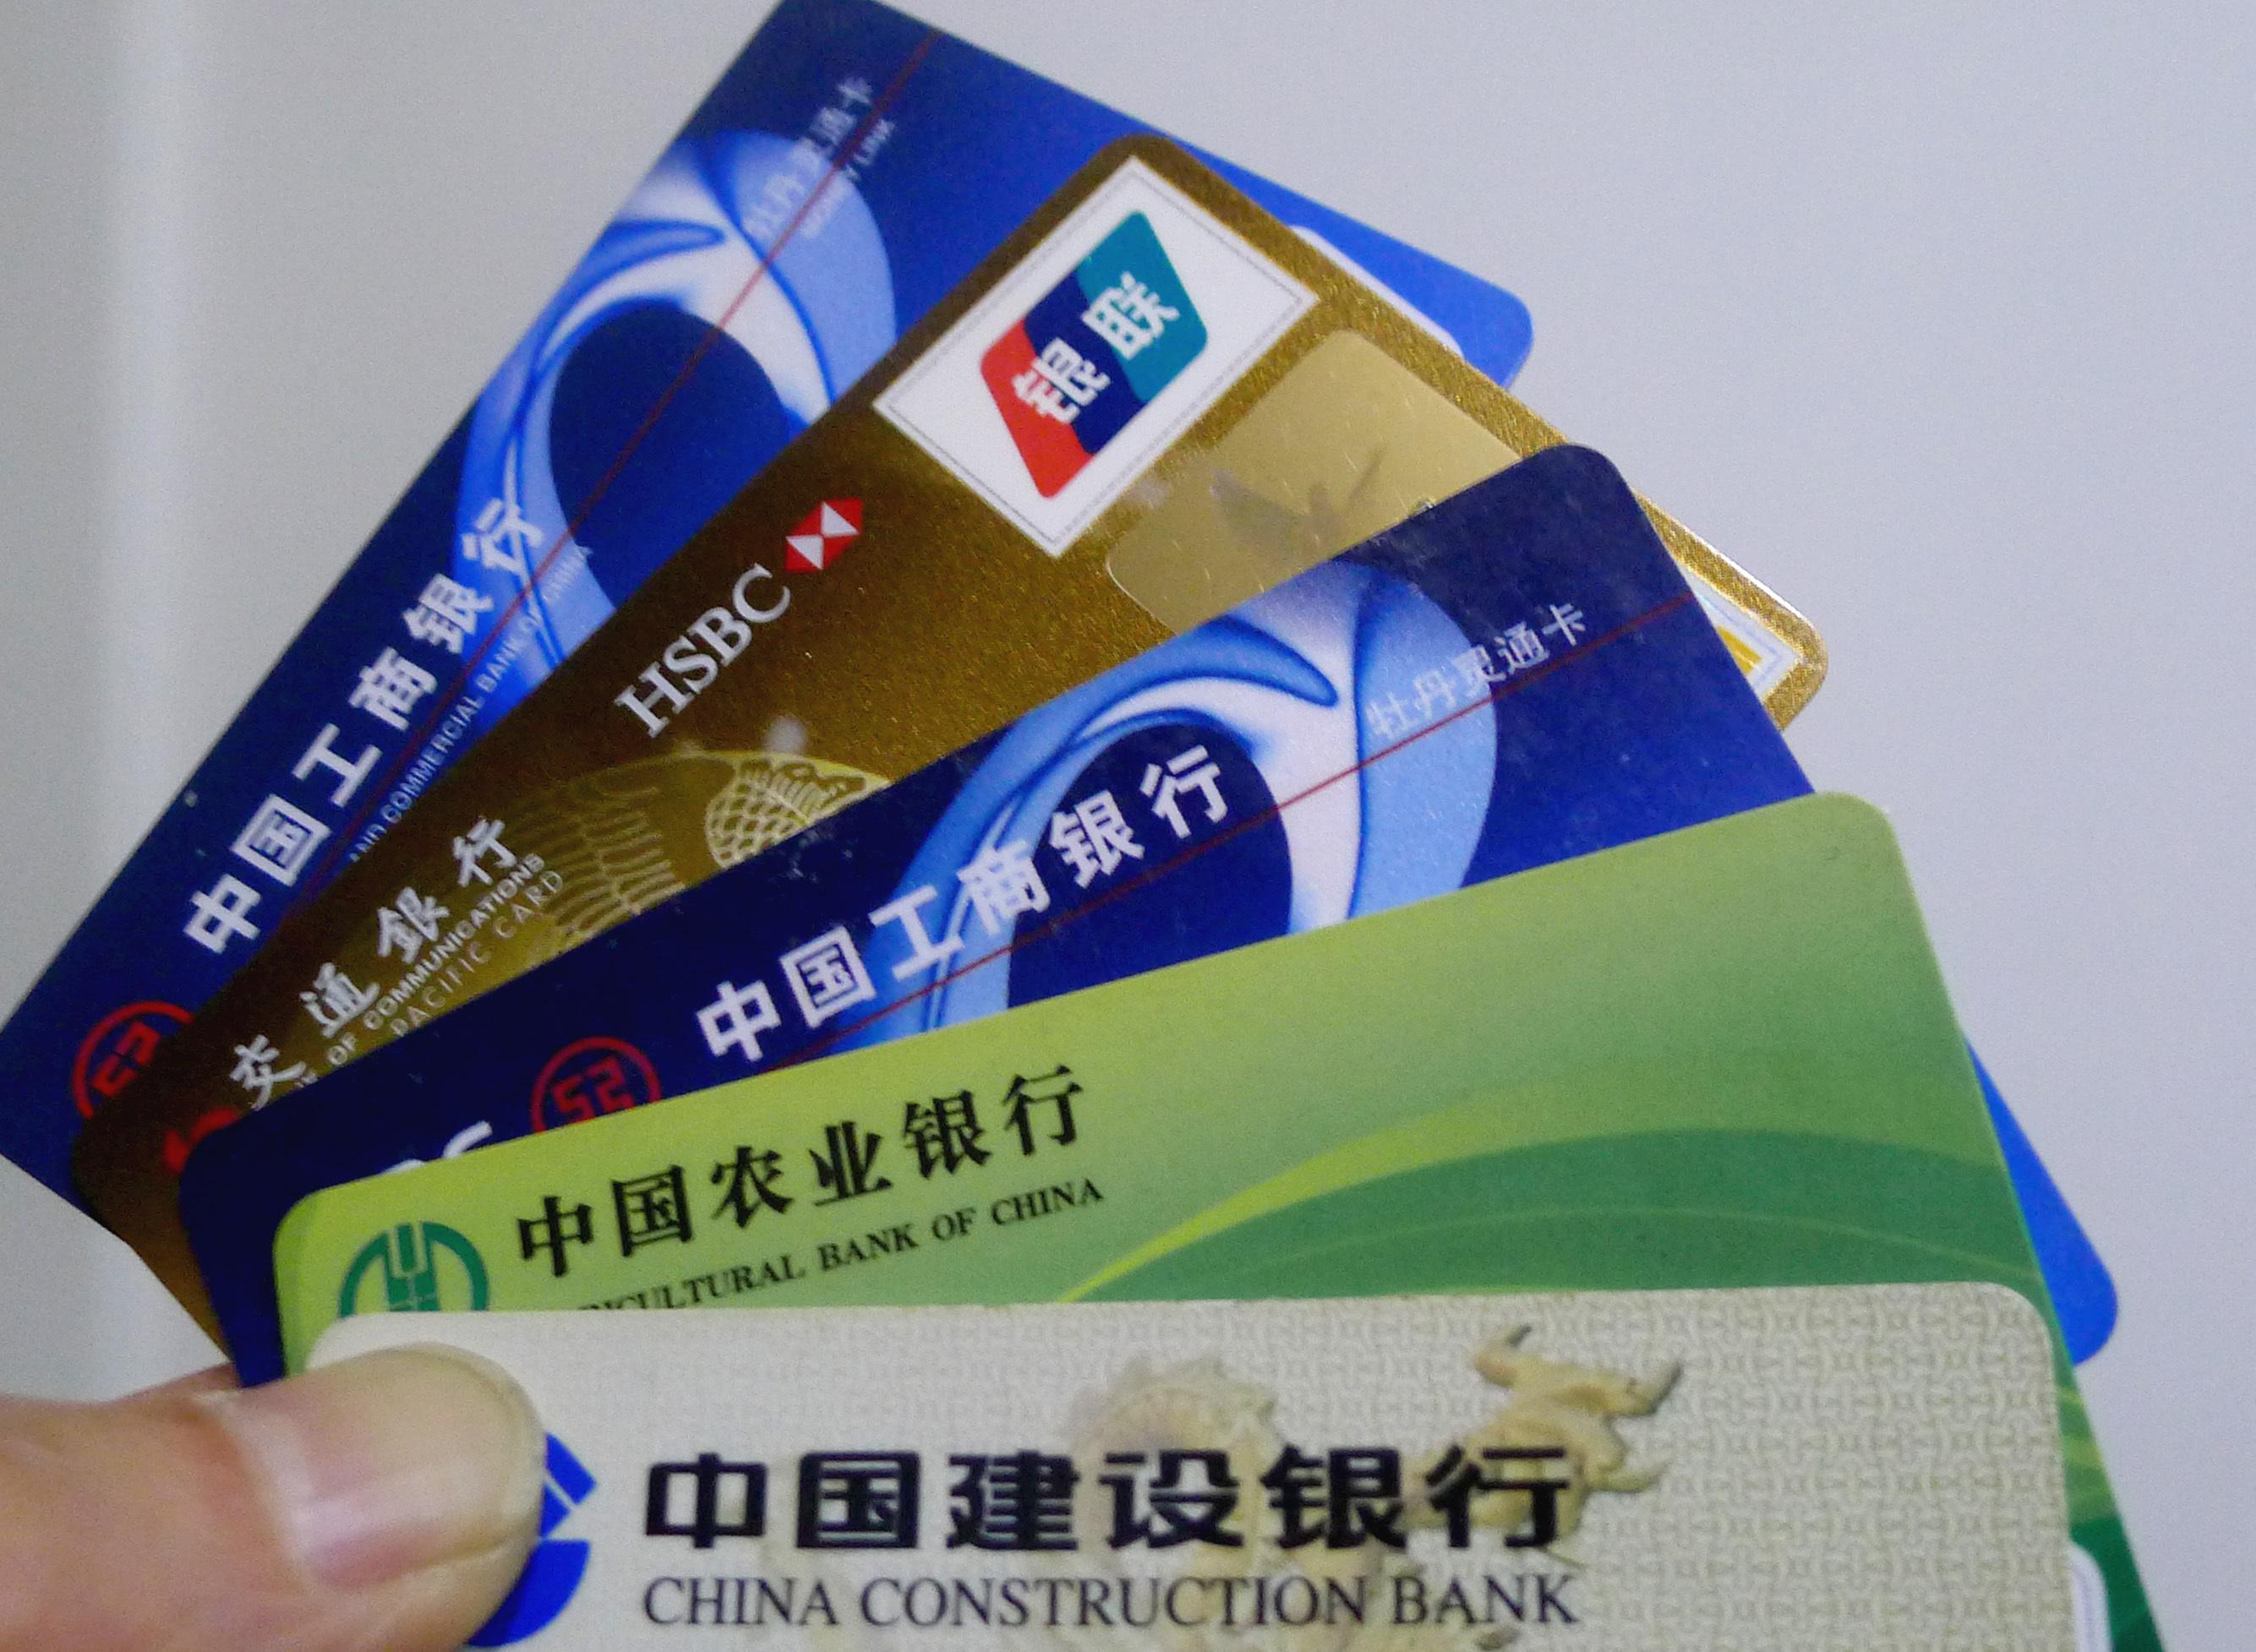 你的白金卡是真的吗?这才是14家银行中真正的白金卡!